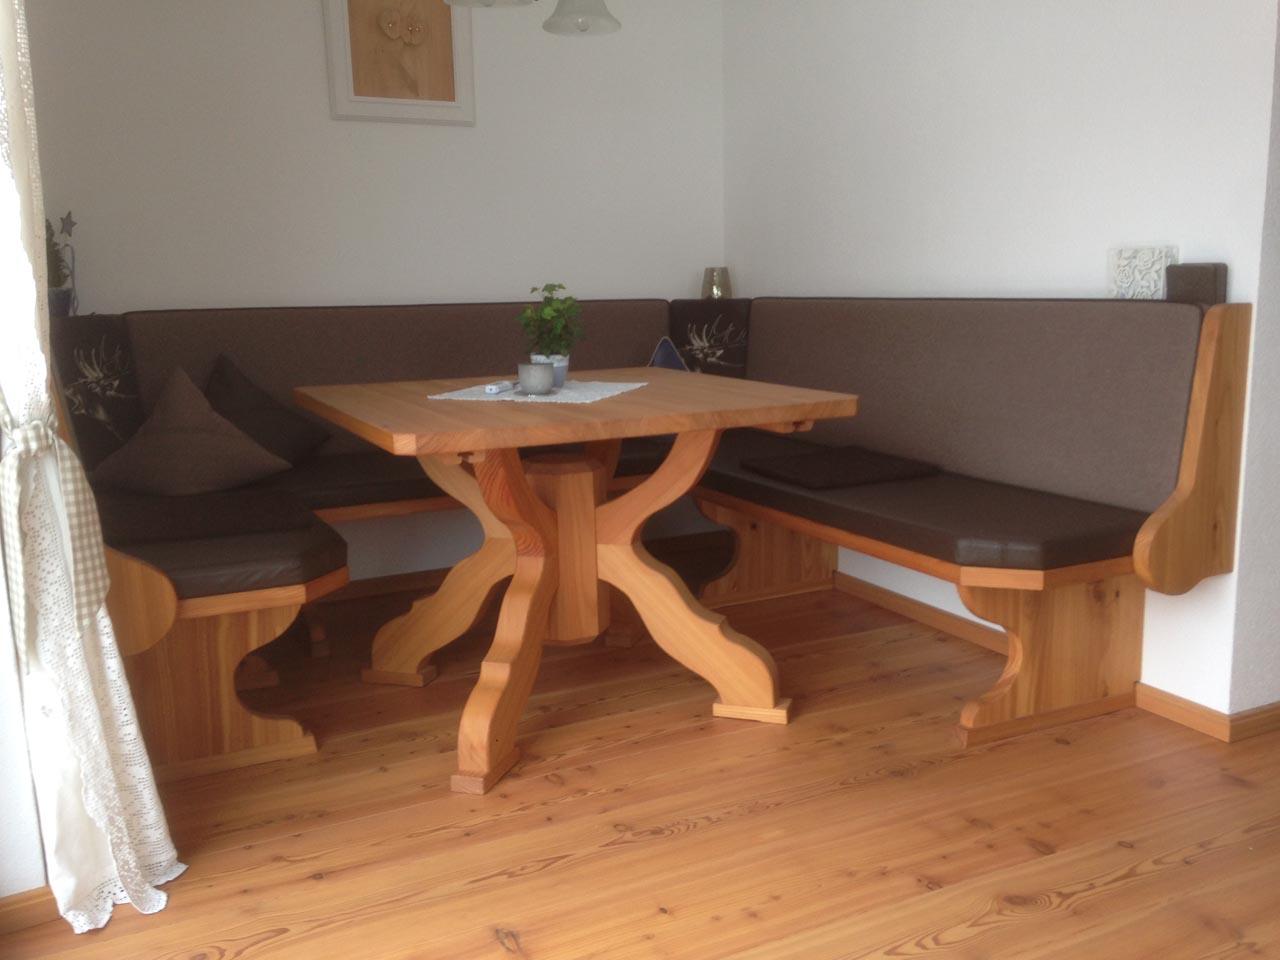 Eckbank & Tisch - Lifestyle-Tischlerei Thomas Wötzer, Tannheim Tirol ...